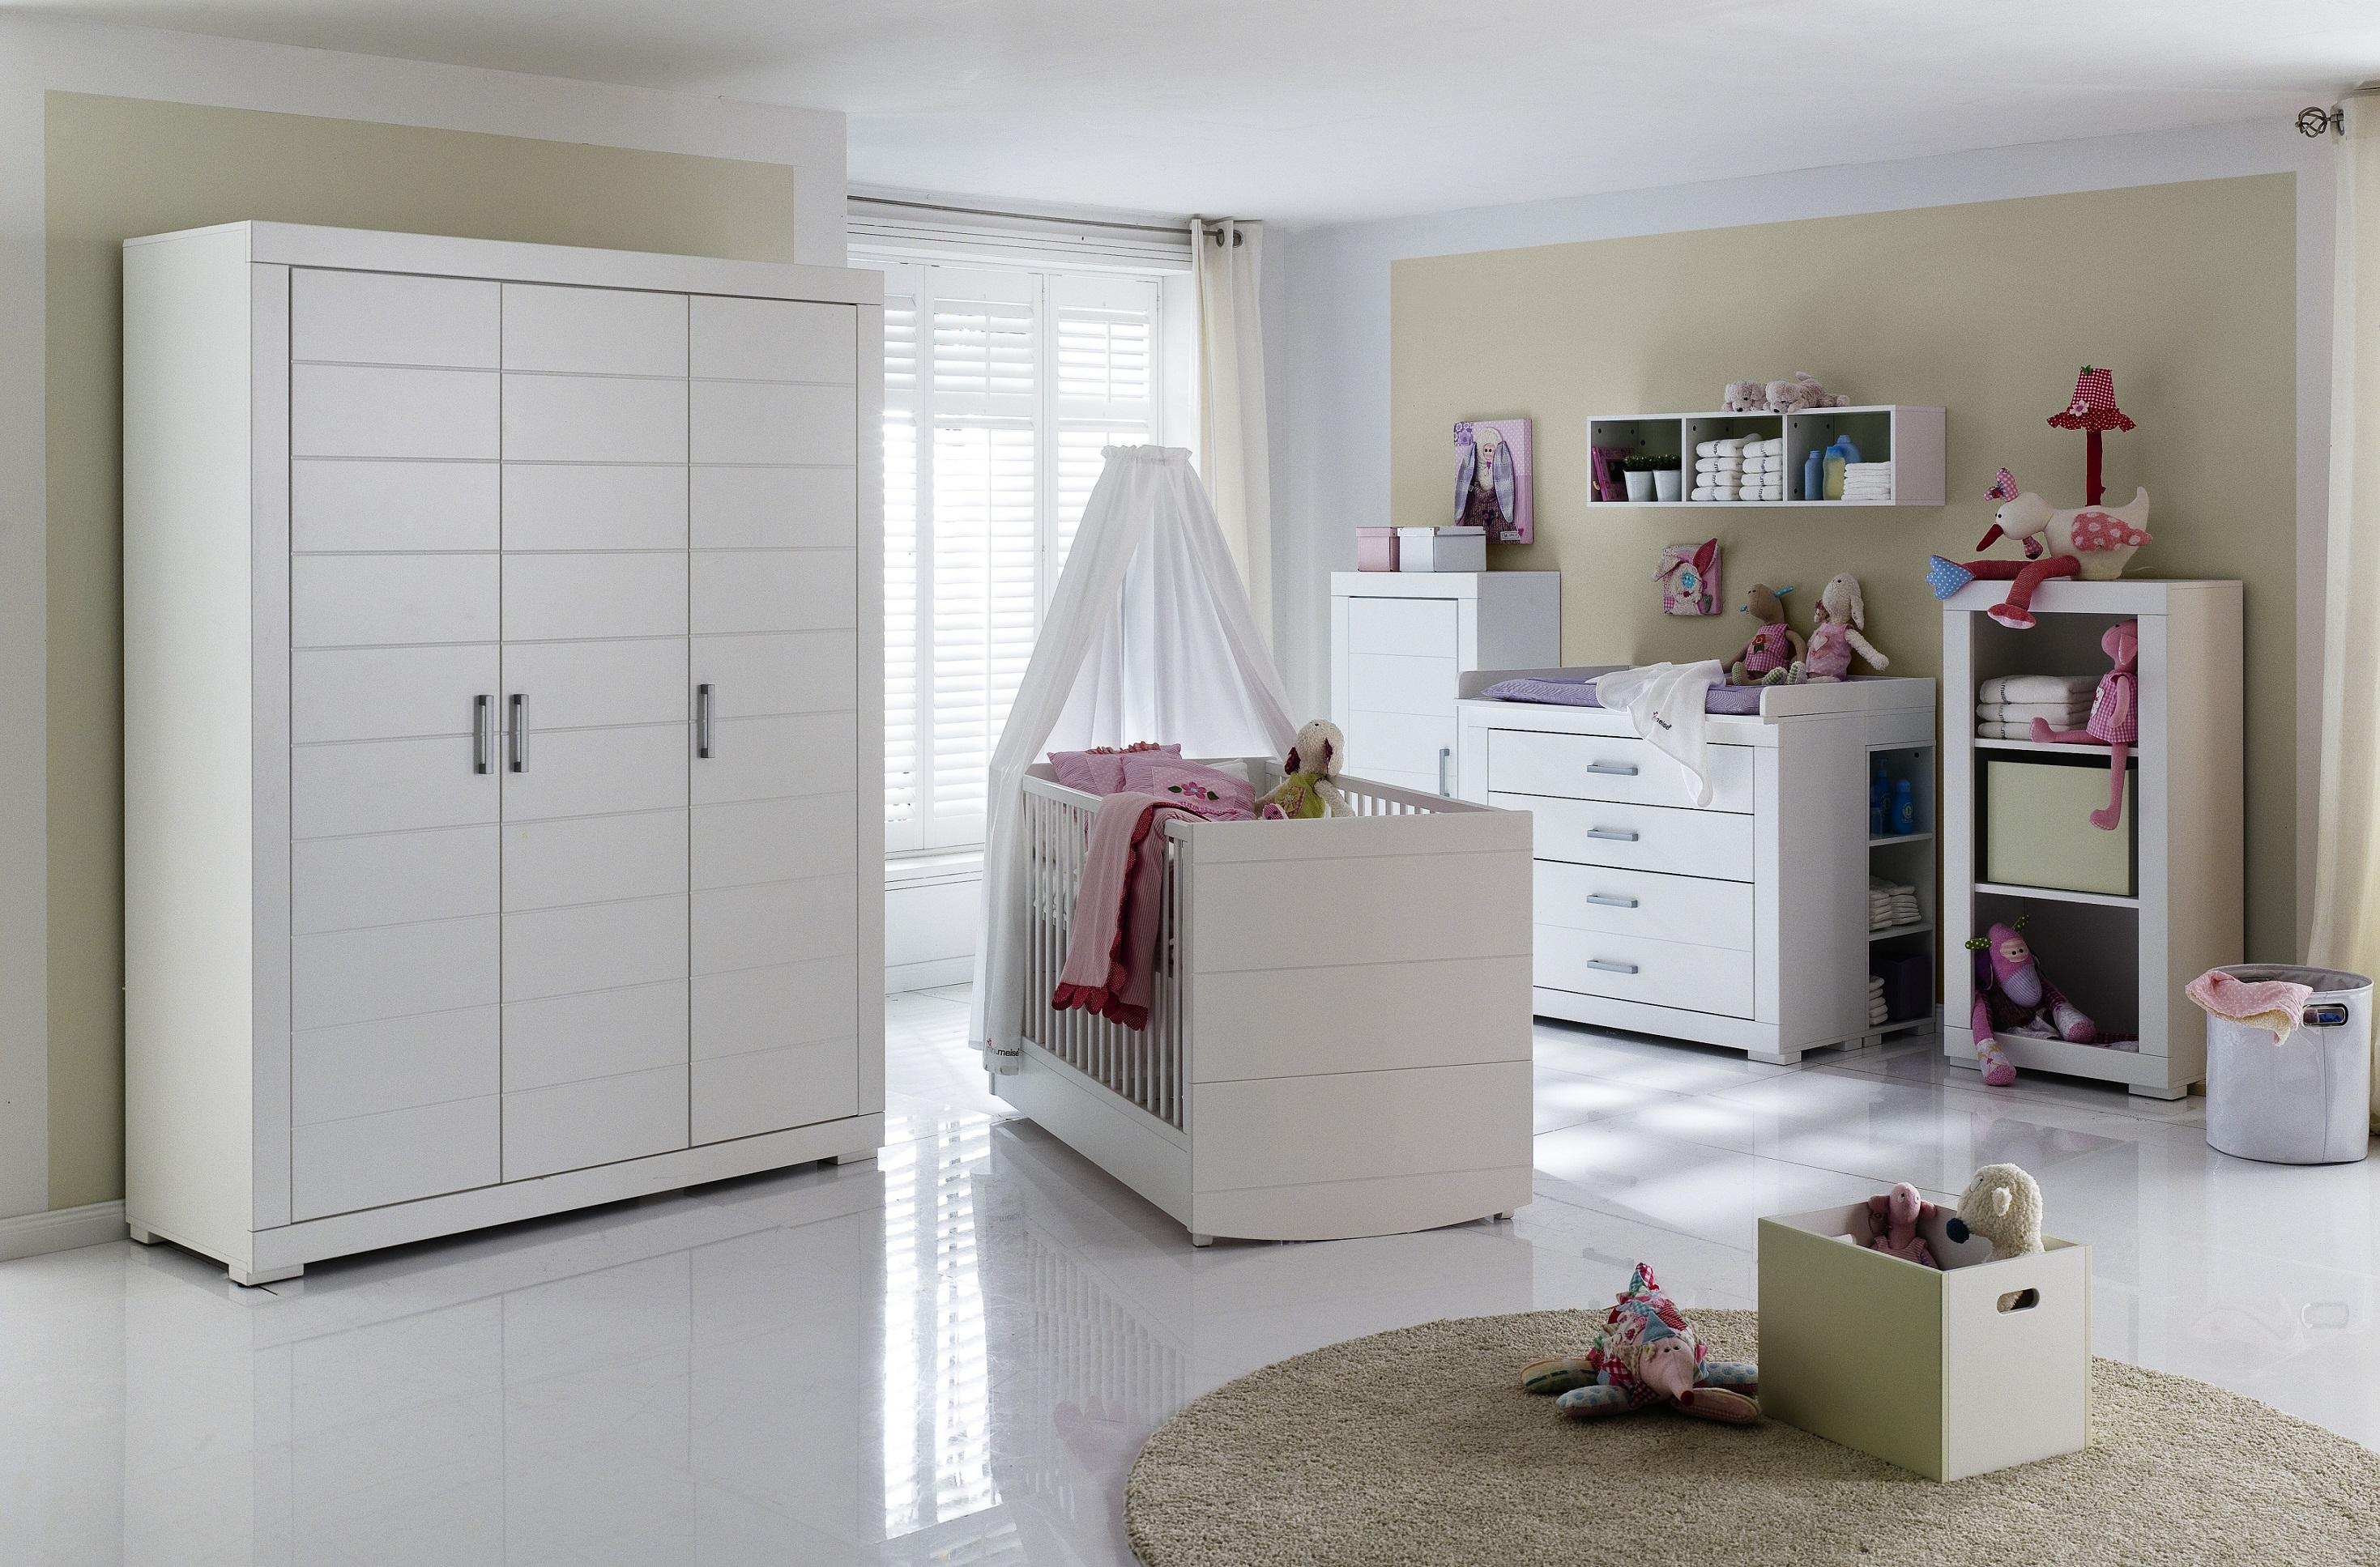 Zwillingszimmer baby  Baby und Jugendzimmer - ZORO WohndesignZORO Wohndesign